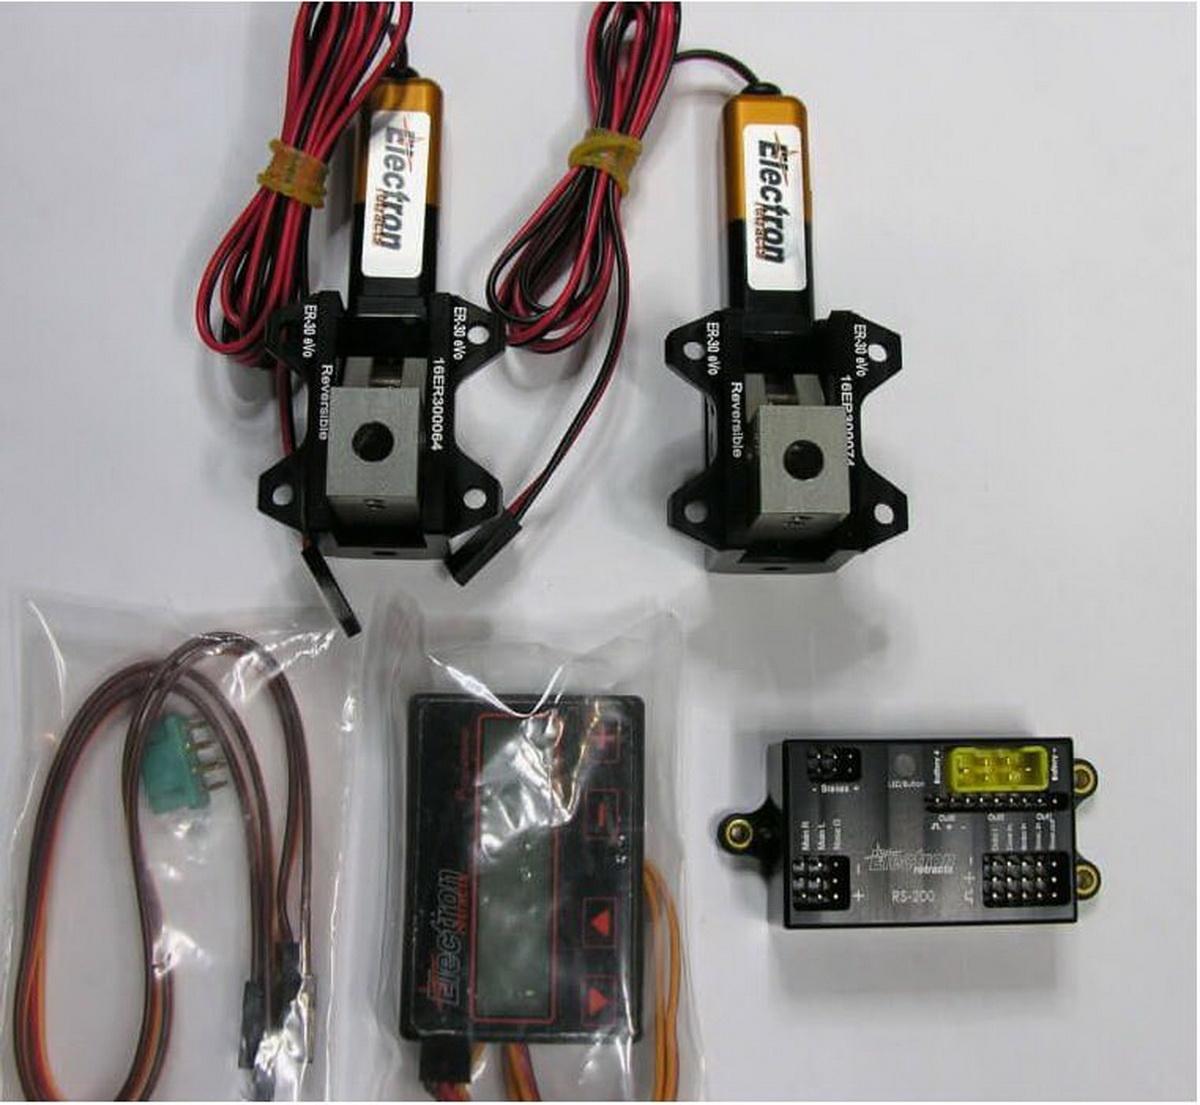 Einziehfahrwerk ER-30 eVo 2-Bein Elektronik RS-200 plus